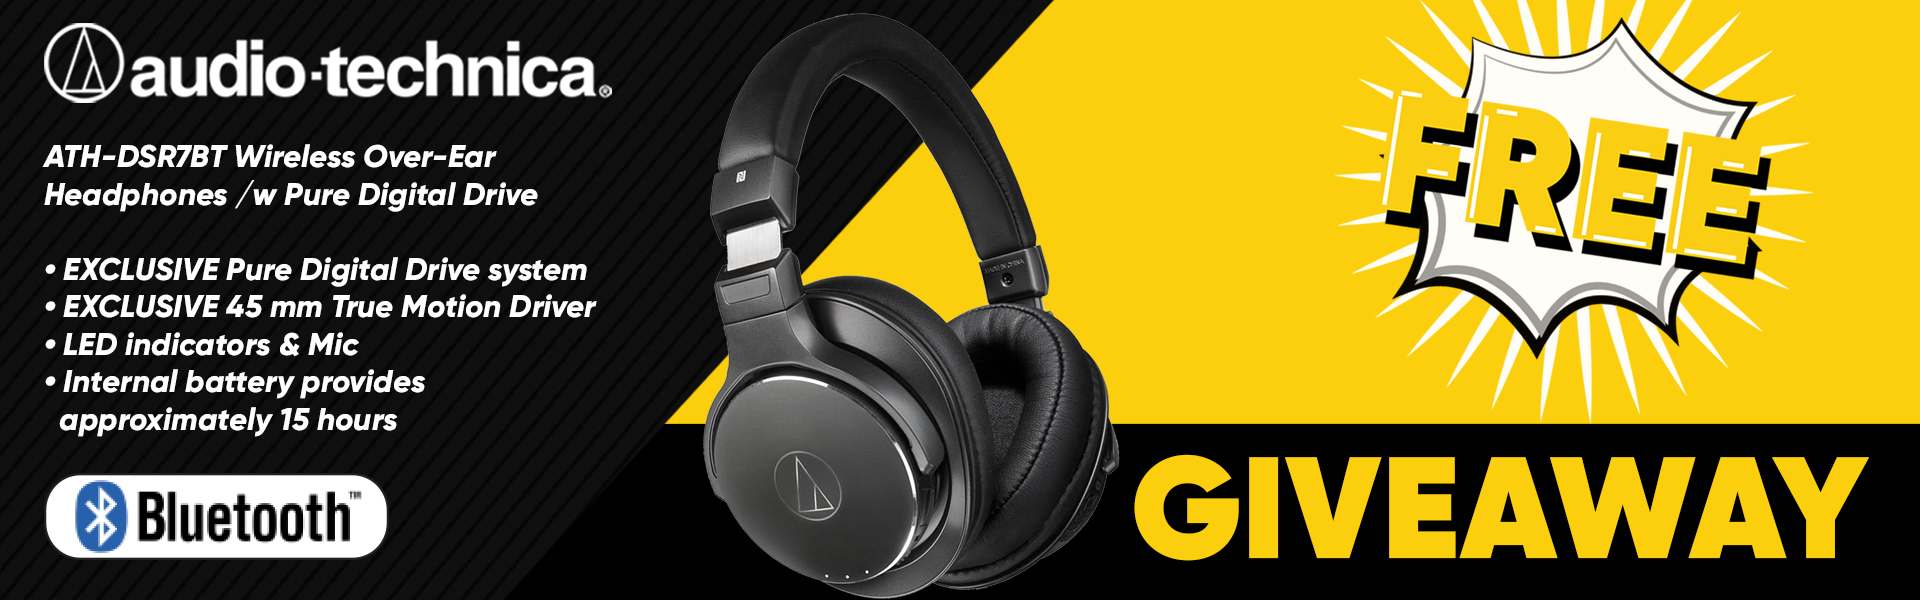 Landing PageAudio-Technica Headphones Giveaway